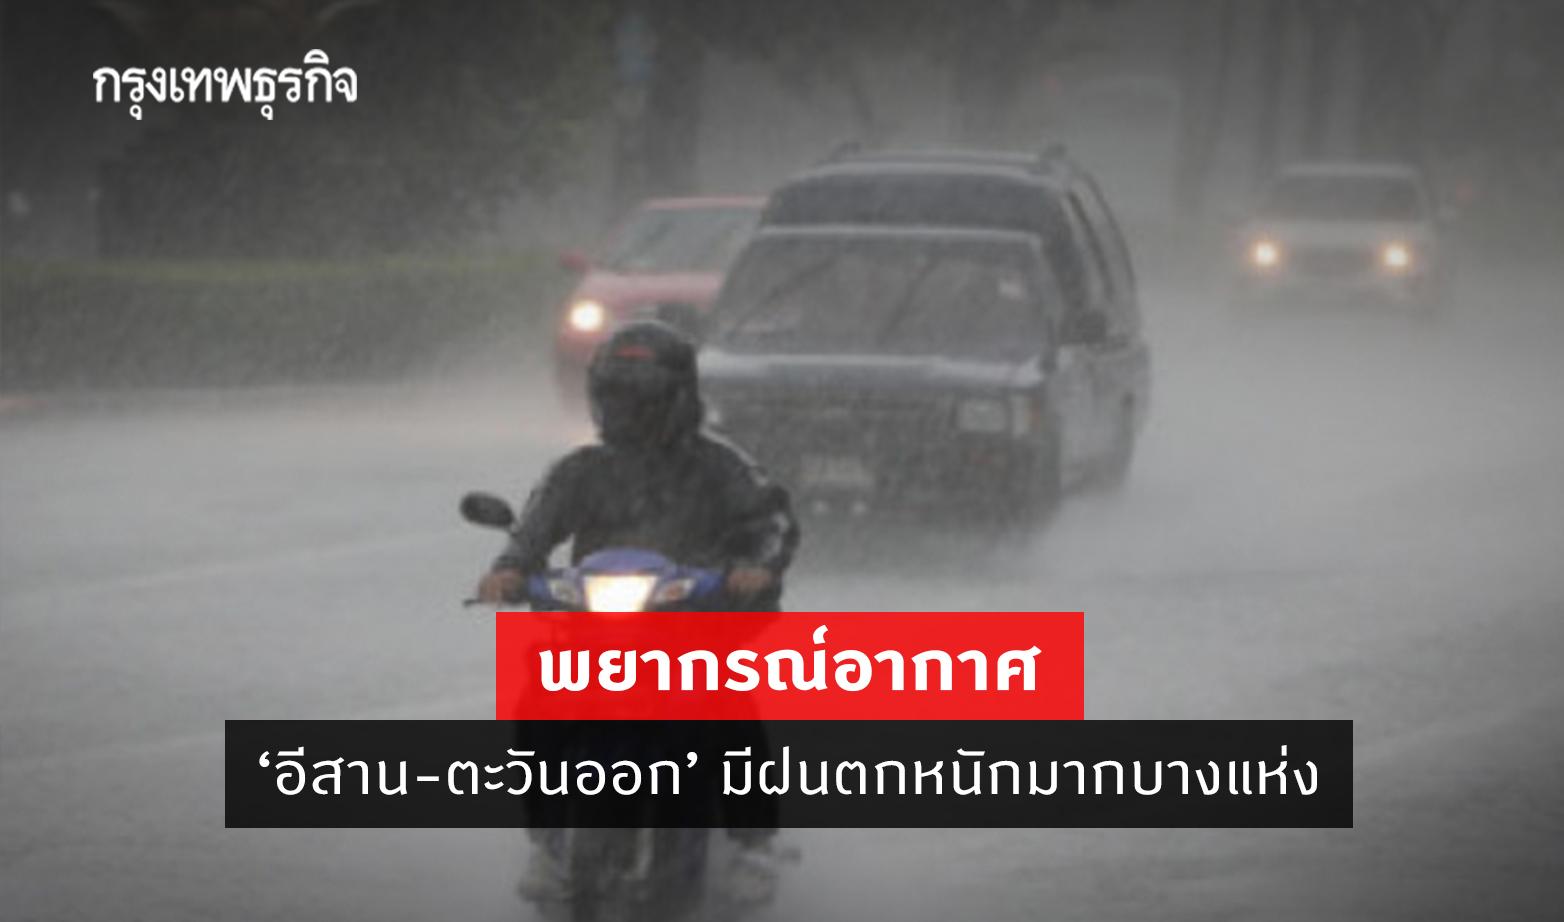 """พยากรณ์อากาศวันนี้ """"อีสาน-ตะวันออก"""" มีฝนตกหนักมากบางแห่ง"""